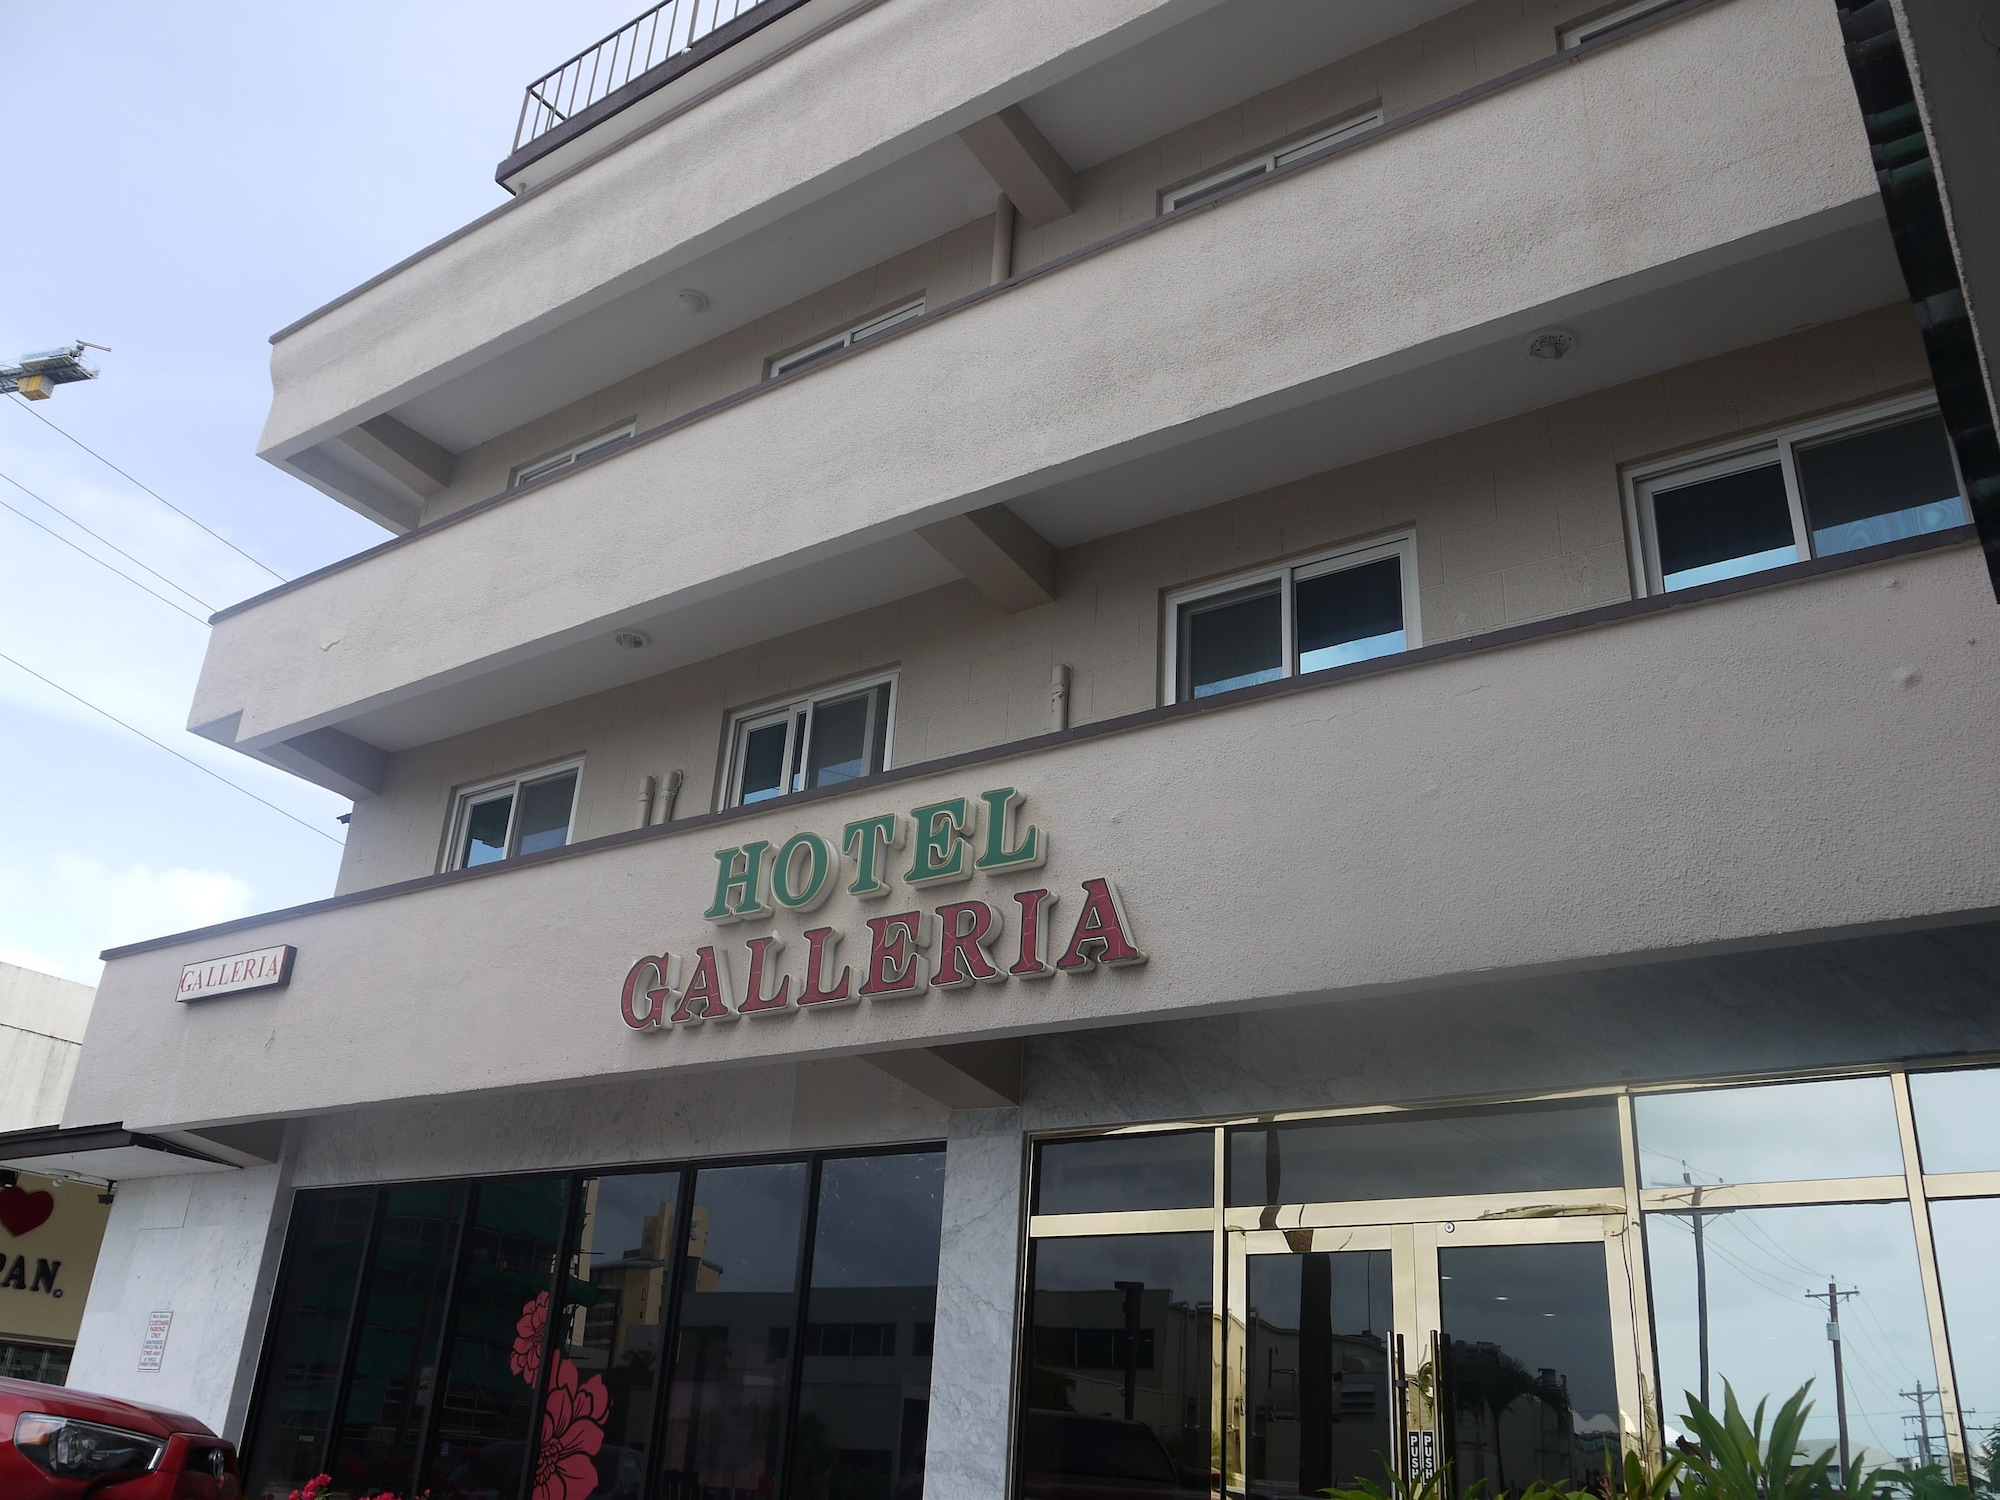 Hotel Galleria,